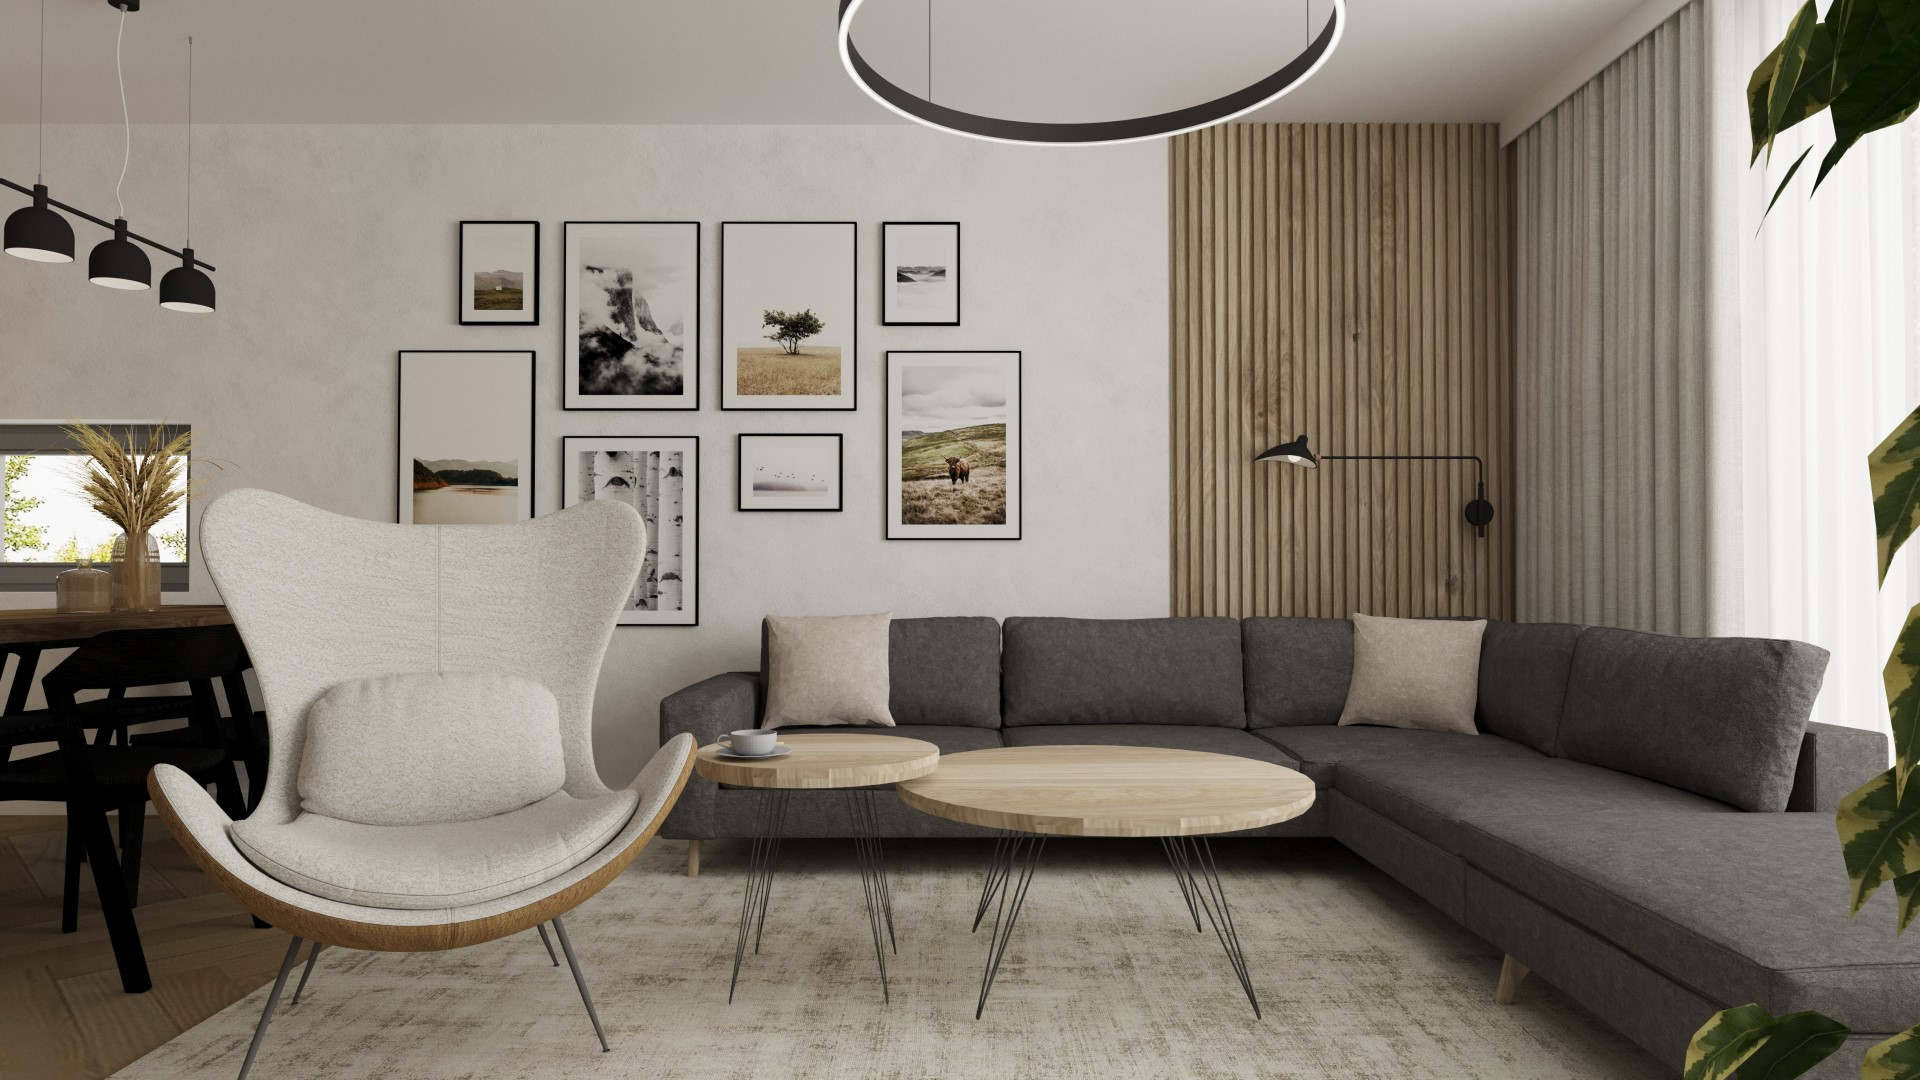 Interiérový dizajn – Rodinný dom v nordic štýle